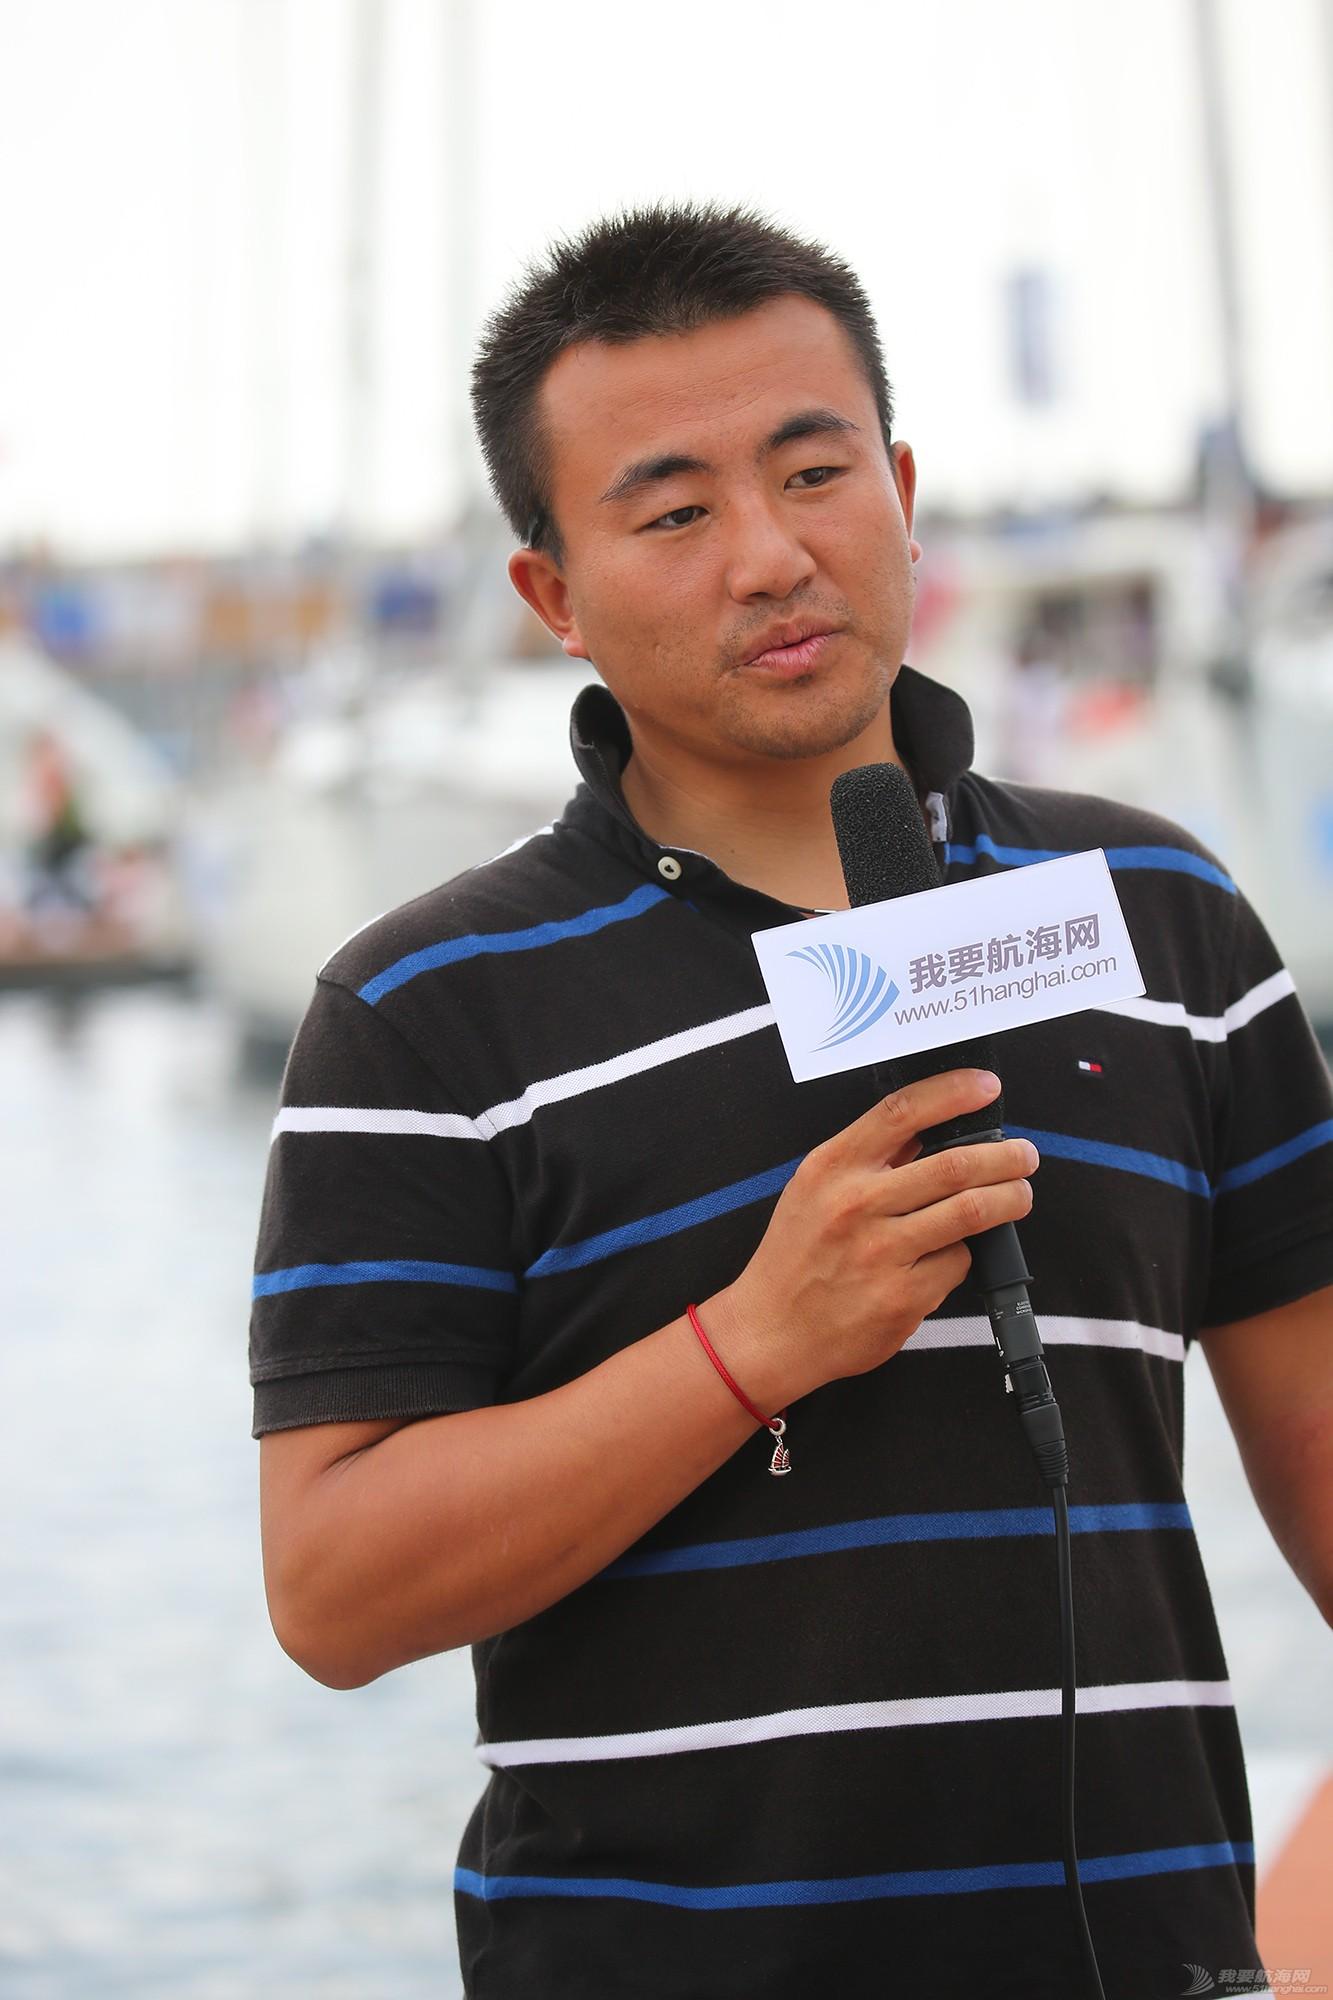 中国 我要航海网采访宋坤、徐京坤、翁少瑛等参加中国杯的船长、船员 (视频) E78W9558.JPG